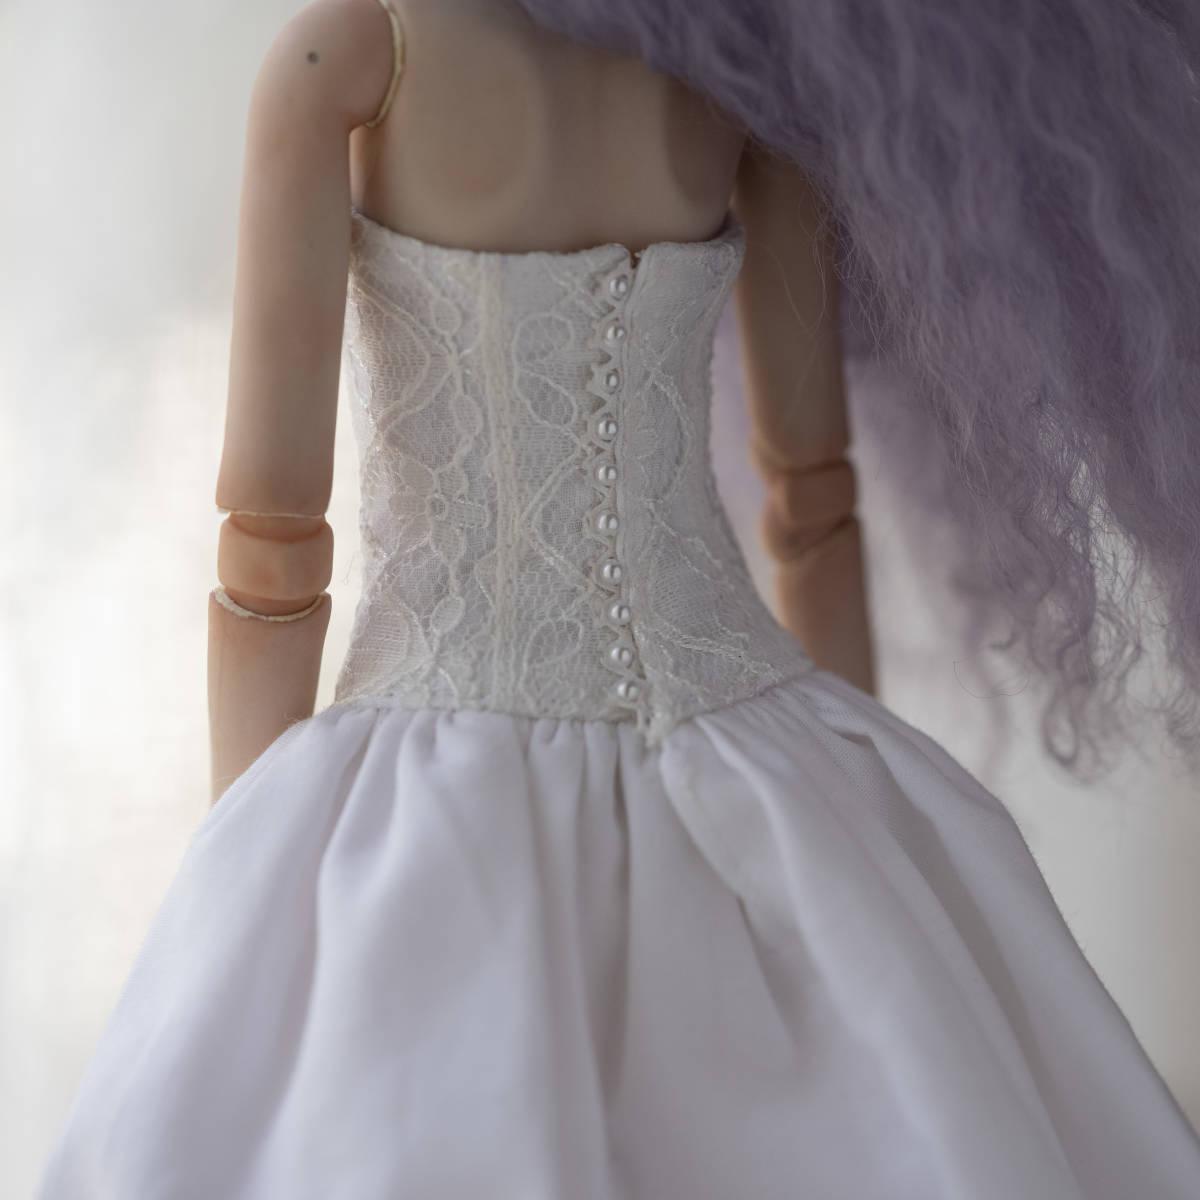 ビスクドール 球体関節人形 創作人形 Chico Doll by Chiemi Takeda_画像9